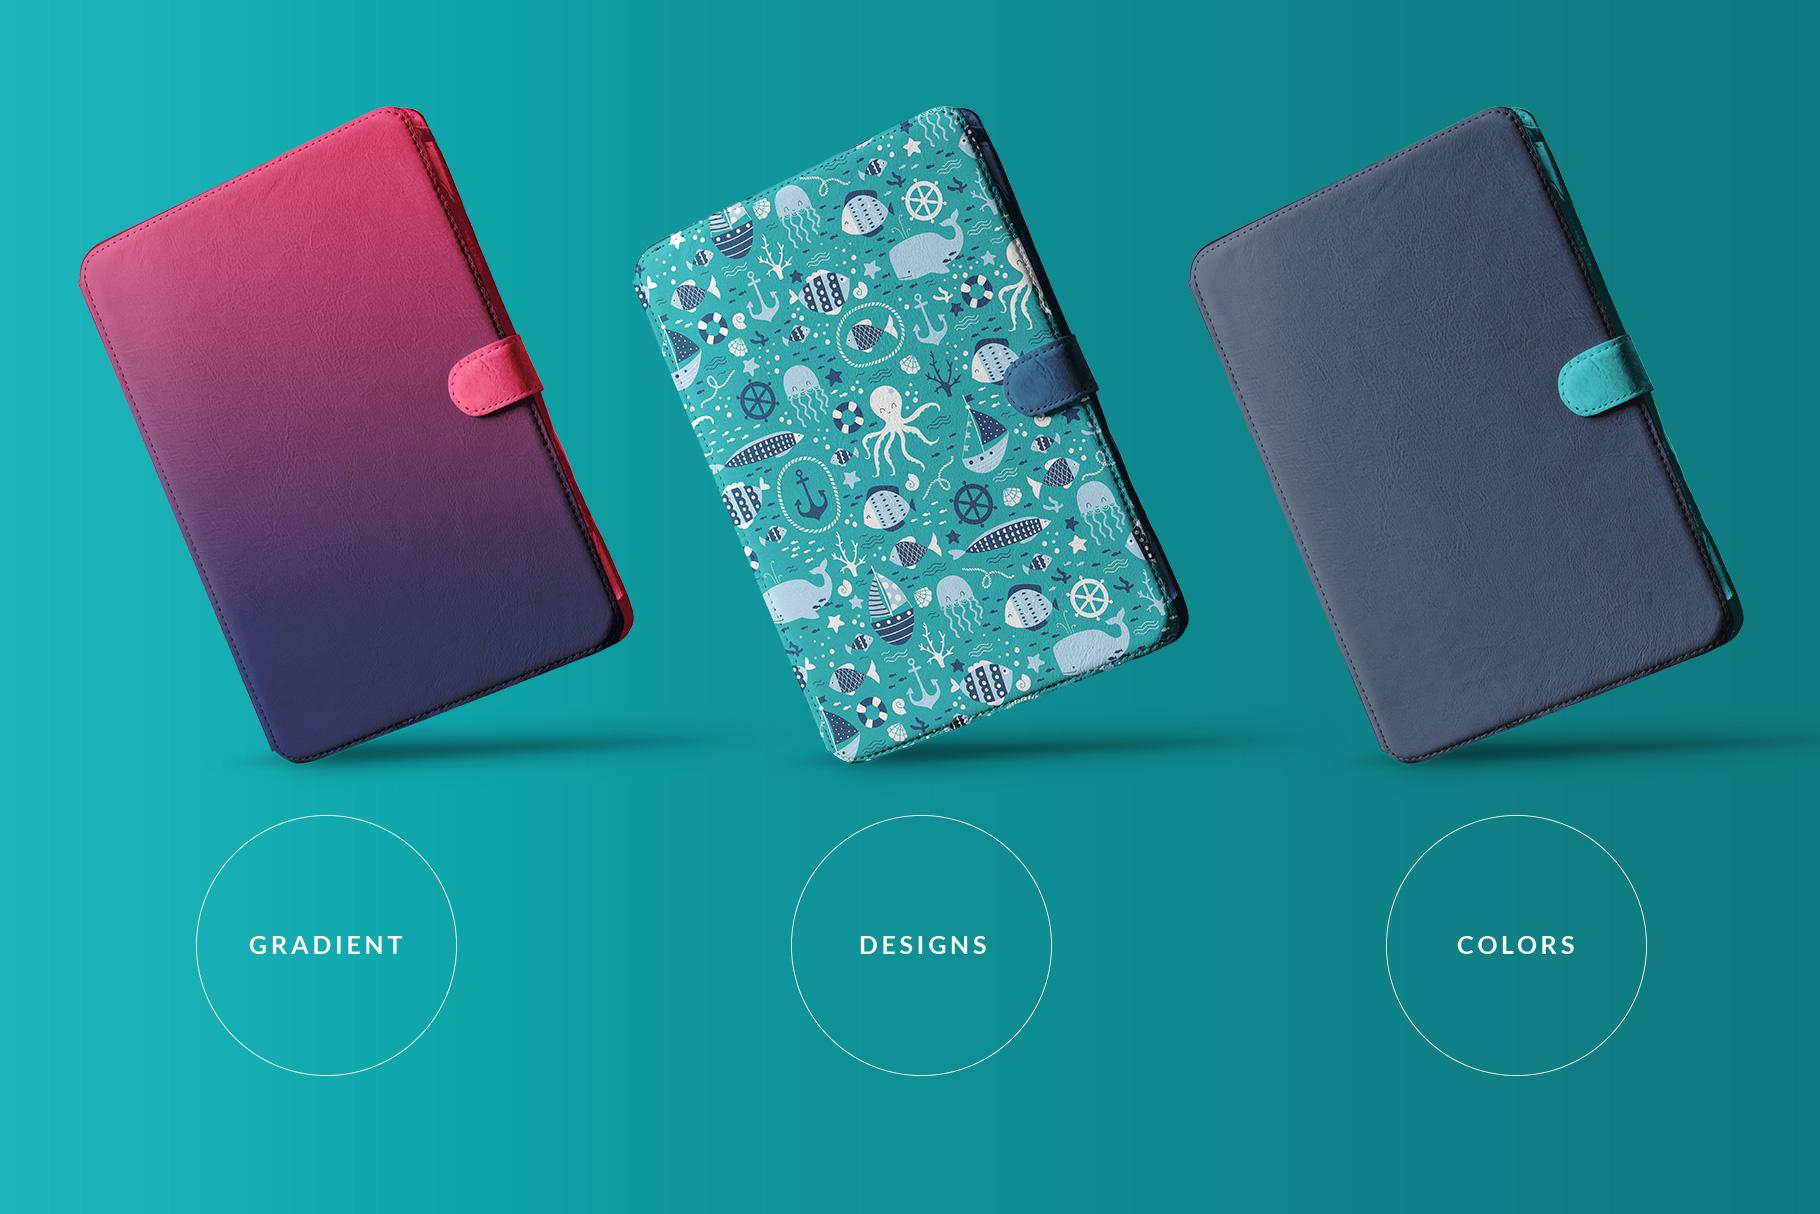 types of the iPad diary case mockup